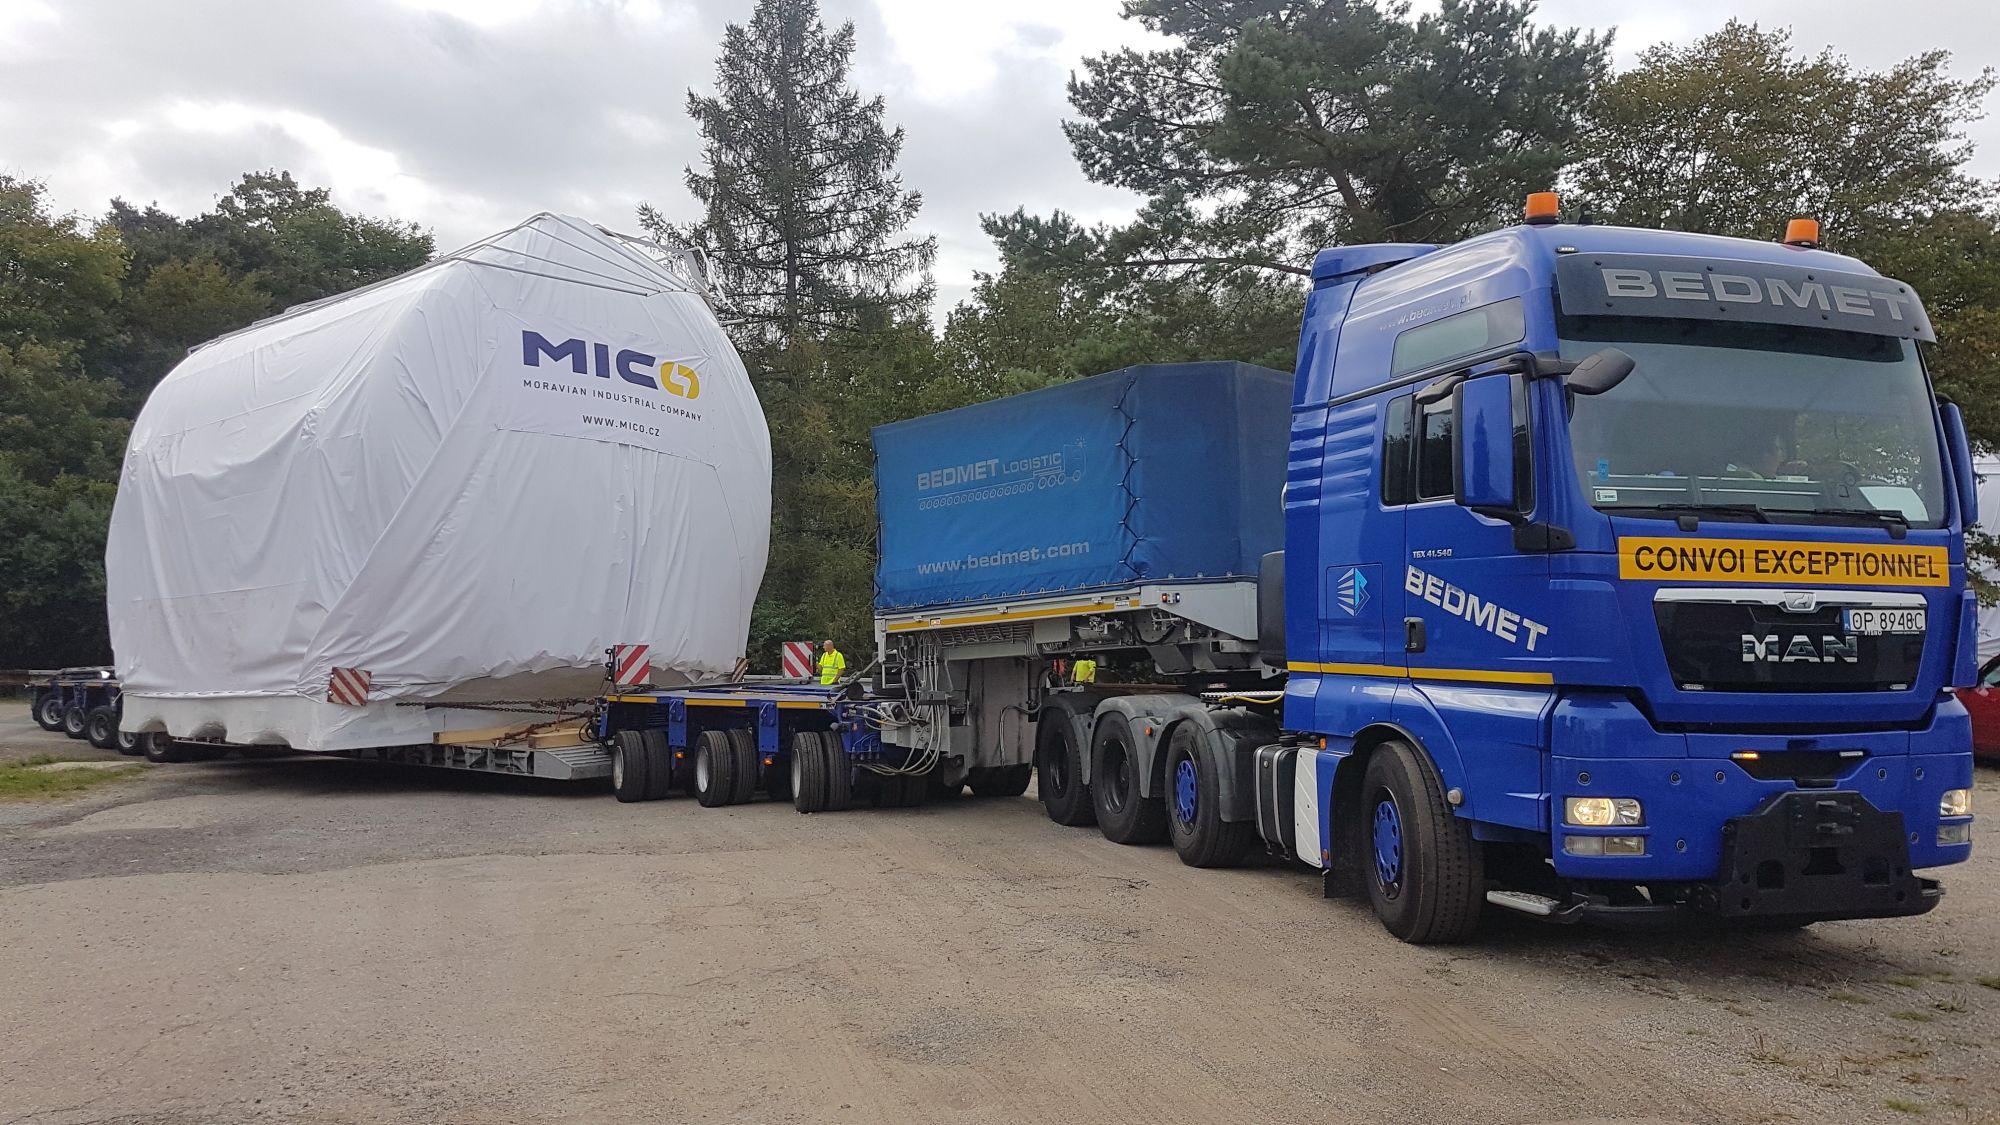 Palivové nádrže z České republiky ochrání jadernou elektrárnu Hinkley Point ve Velké Británii